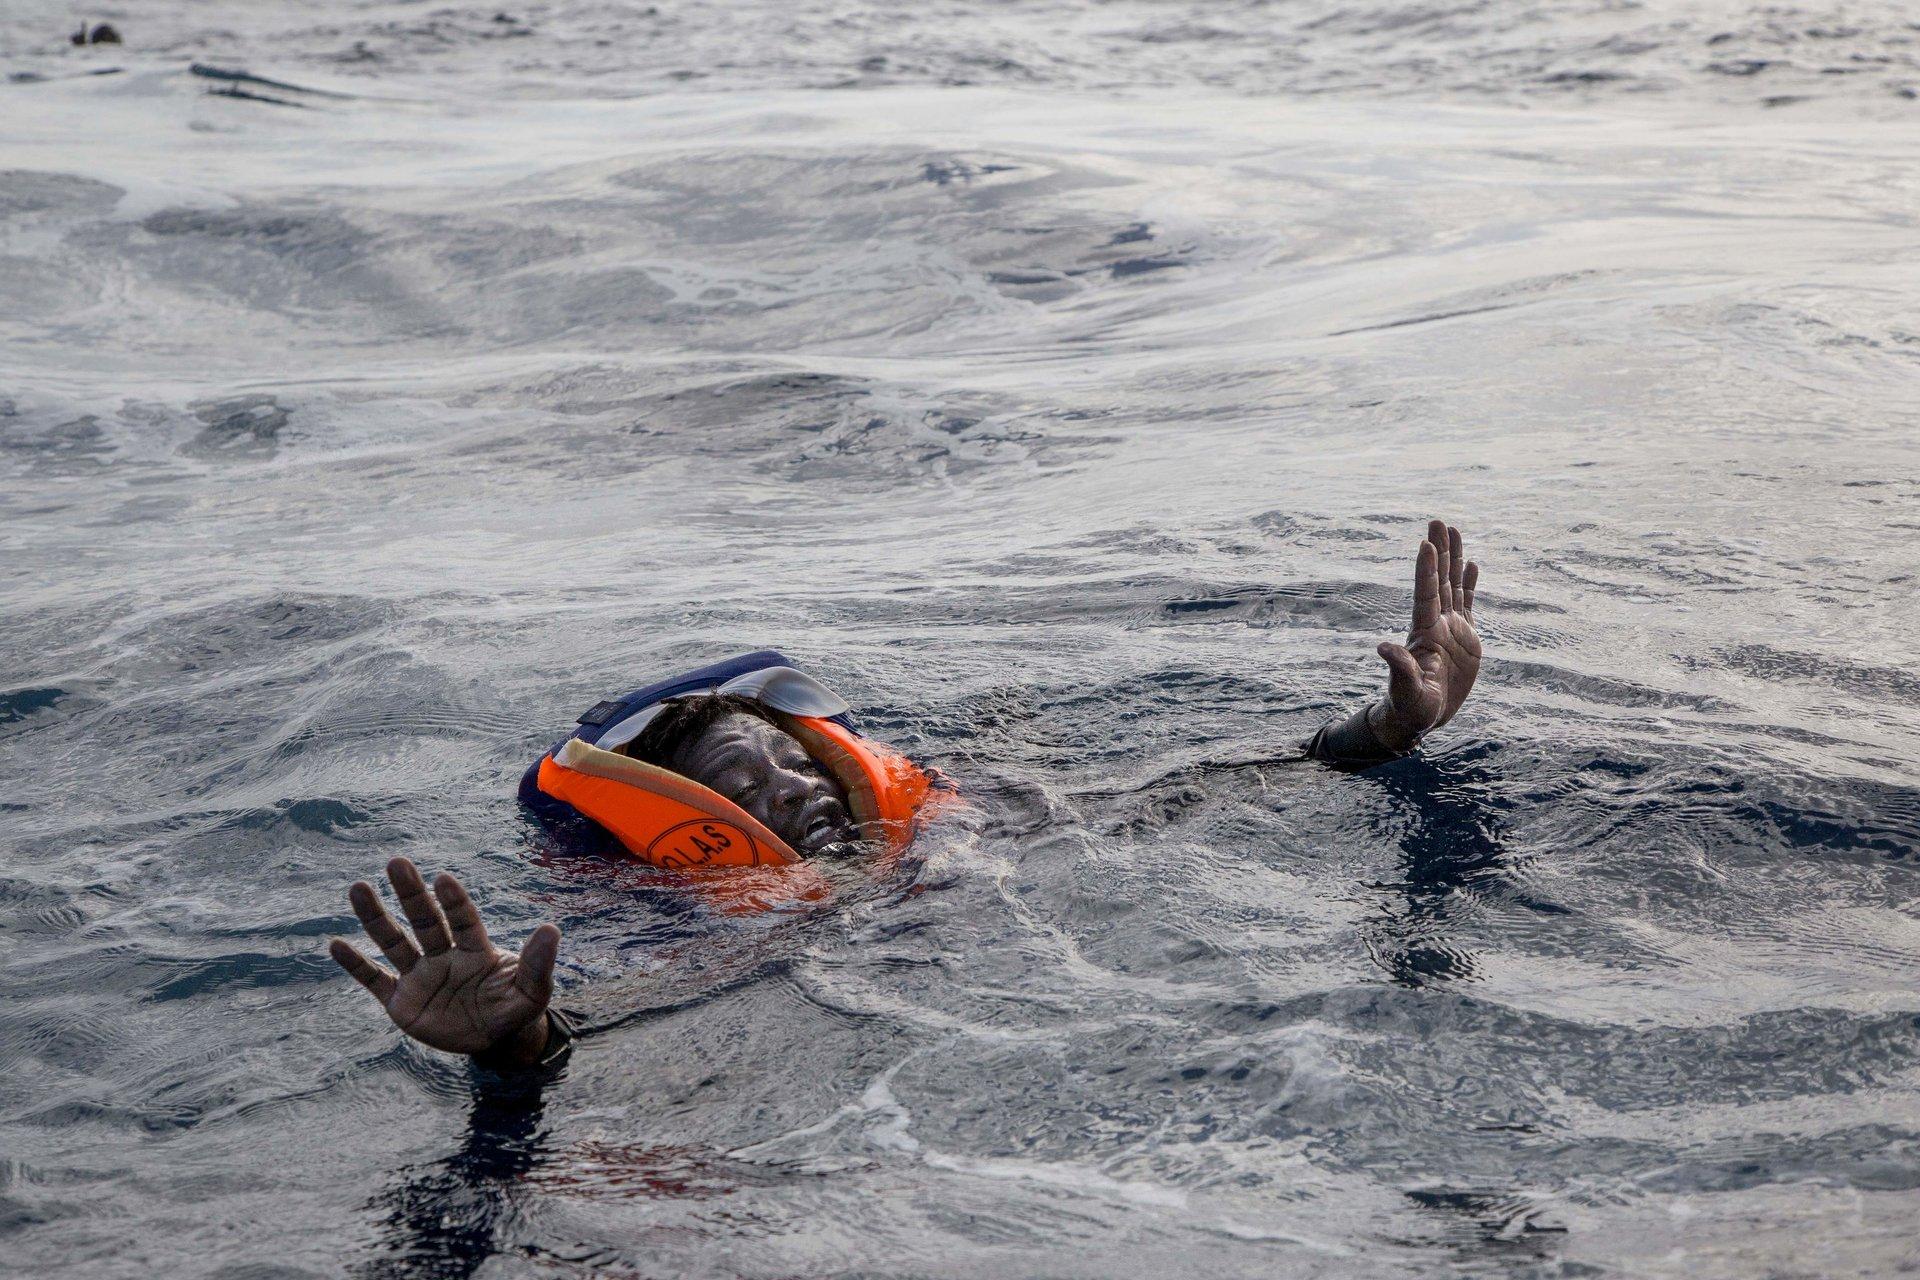 Le 6novembre 2017, l'intervention anarchique d'une vedette des gardes-côtes libyens sur le théâtre d'un sauvetage où intervenaient déjà le navire d'une ONG allemande et un hélicoptère de la Marine italienne cause la mort de cinq